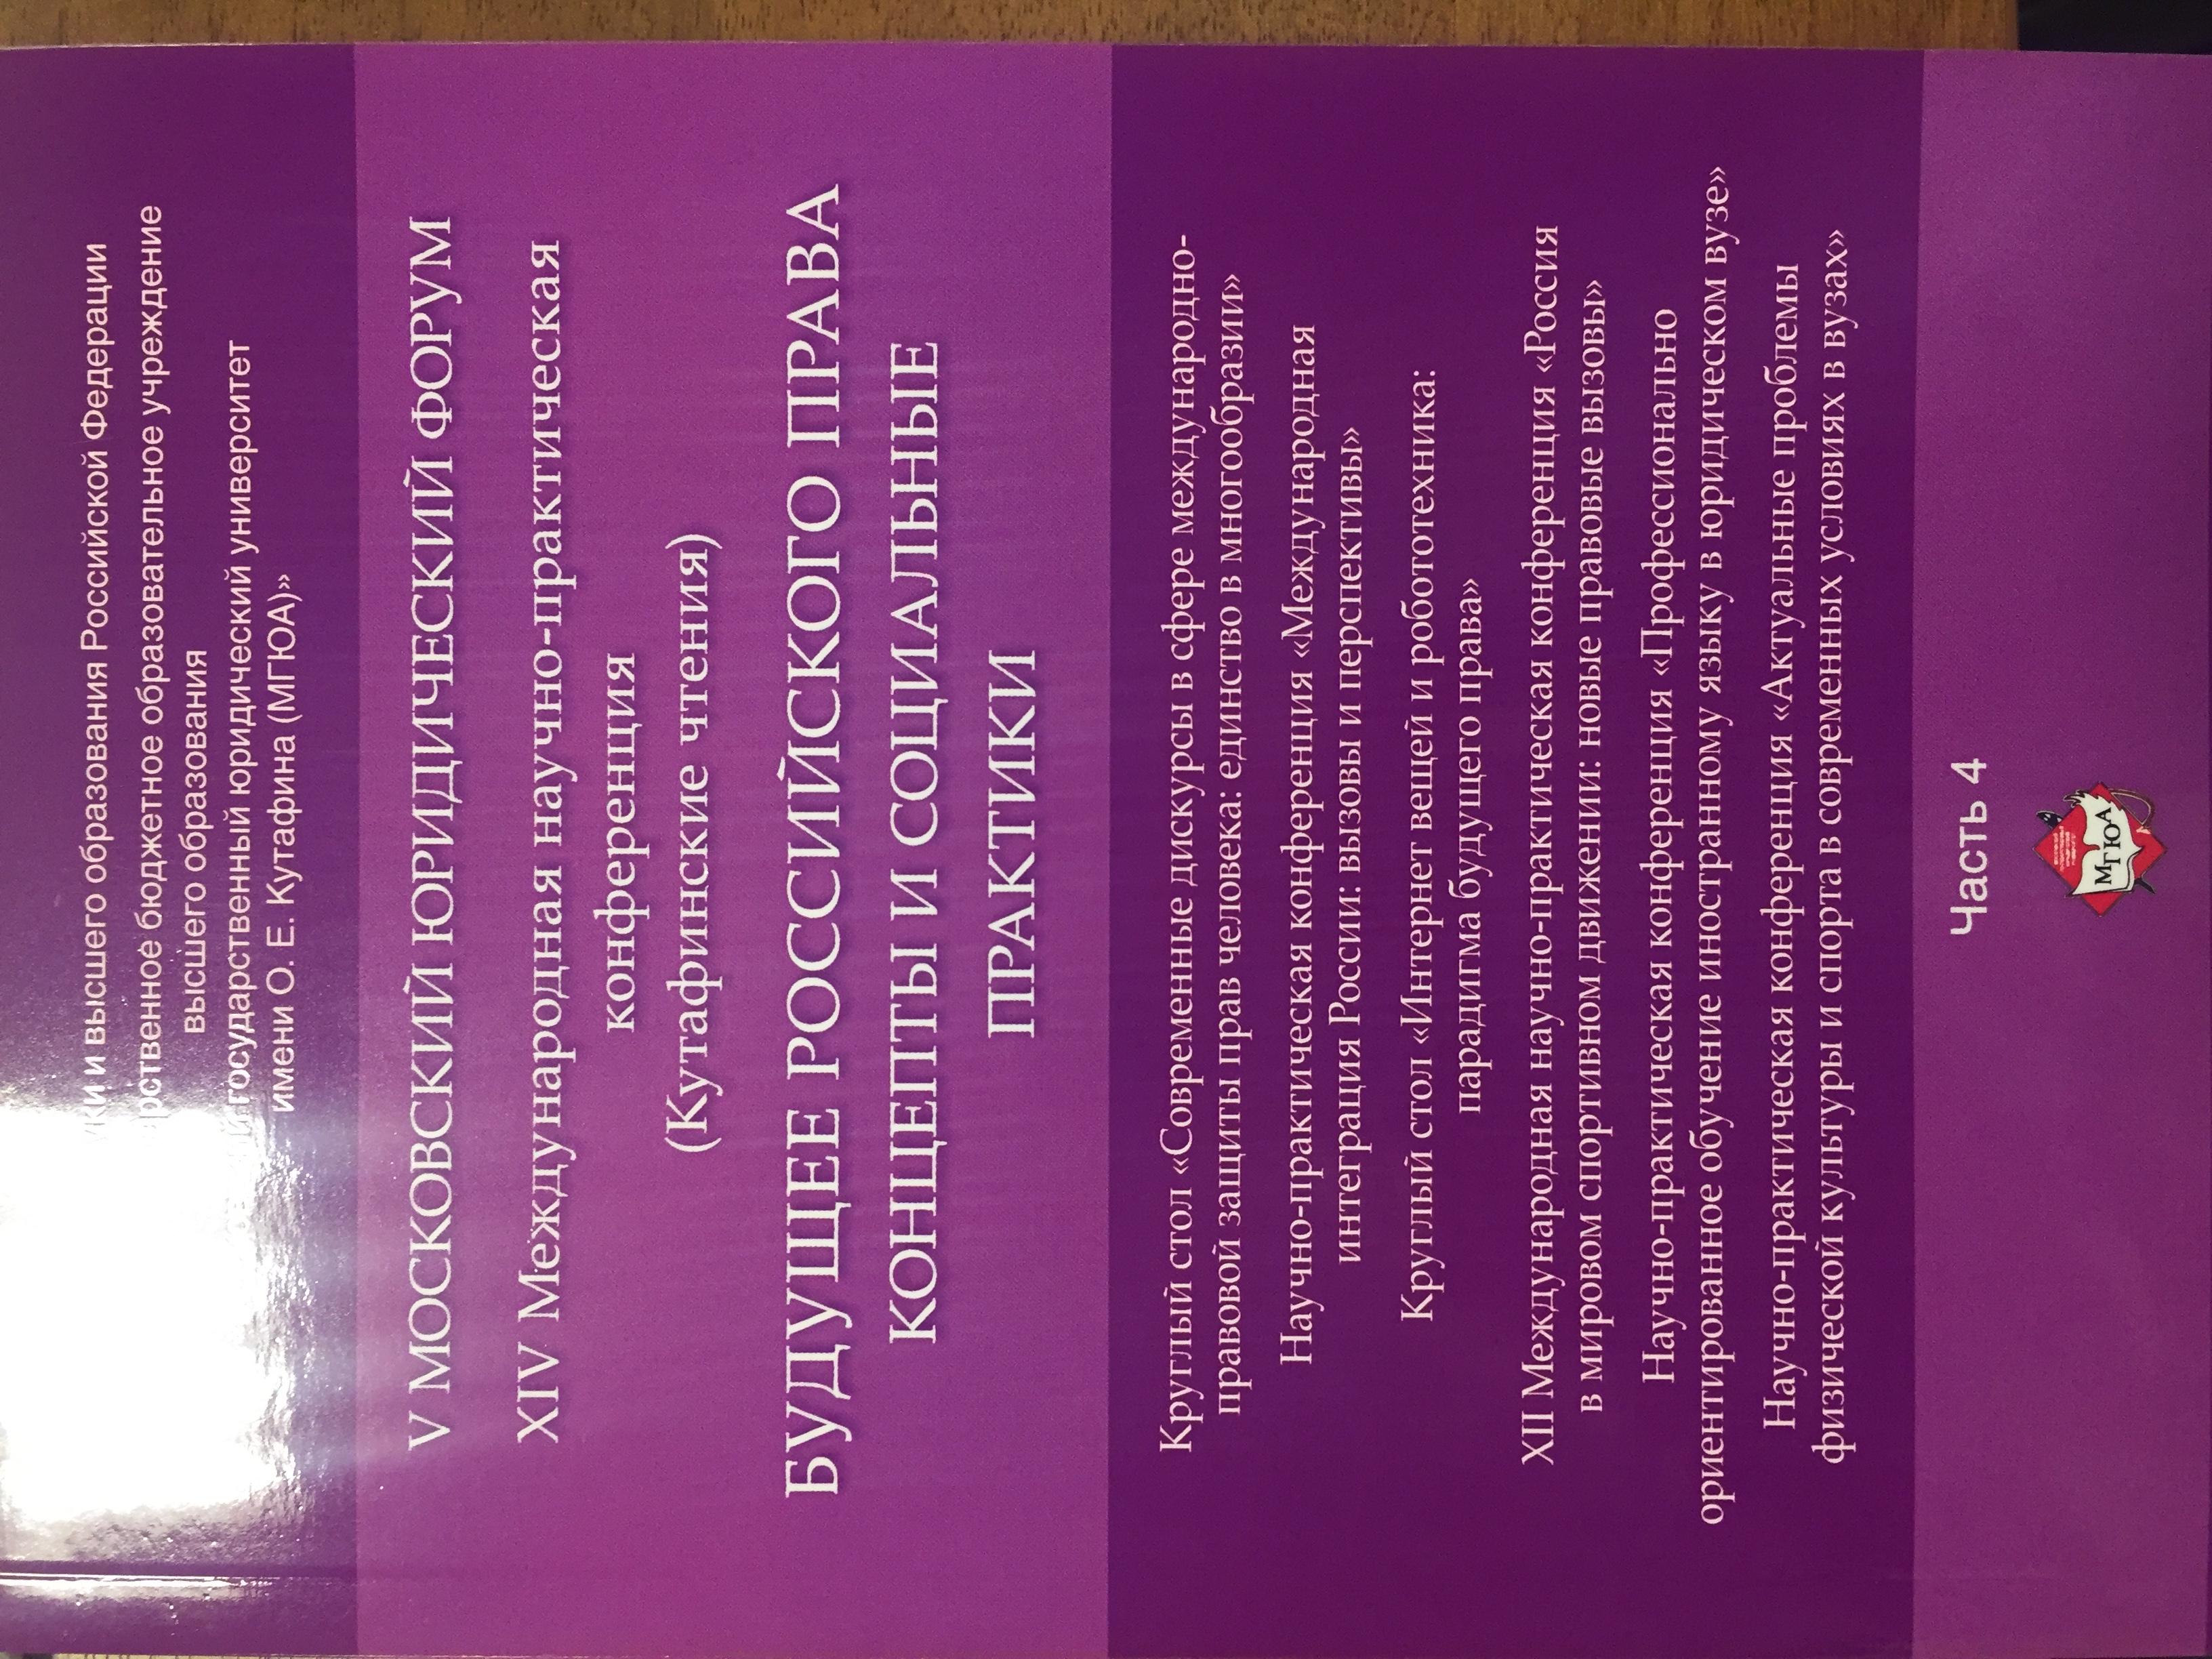 Будущее российского права: концепты и социальные практики V Московский юридический форум. XIV Международная Практическая конференция (Кутафинские чтения): материалы конференции: в 4 частях.